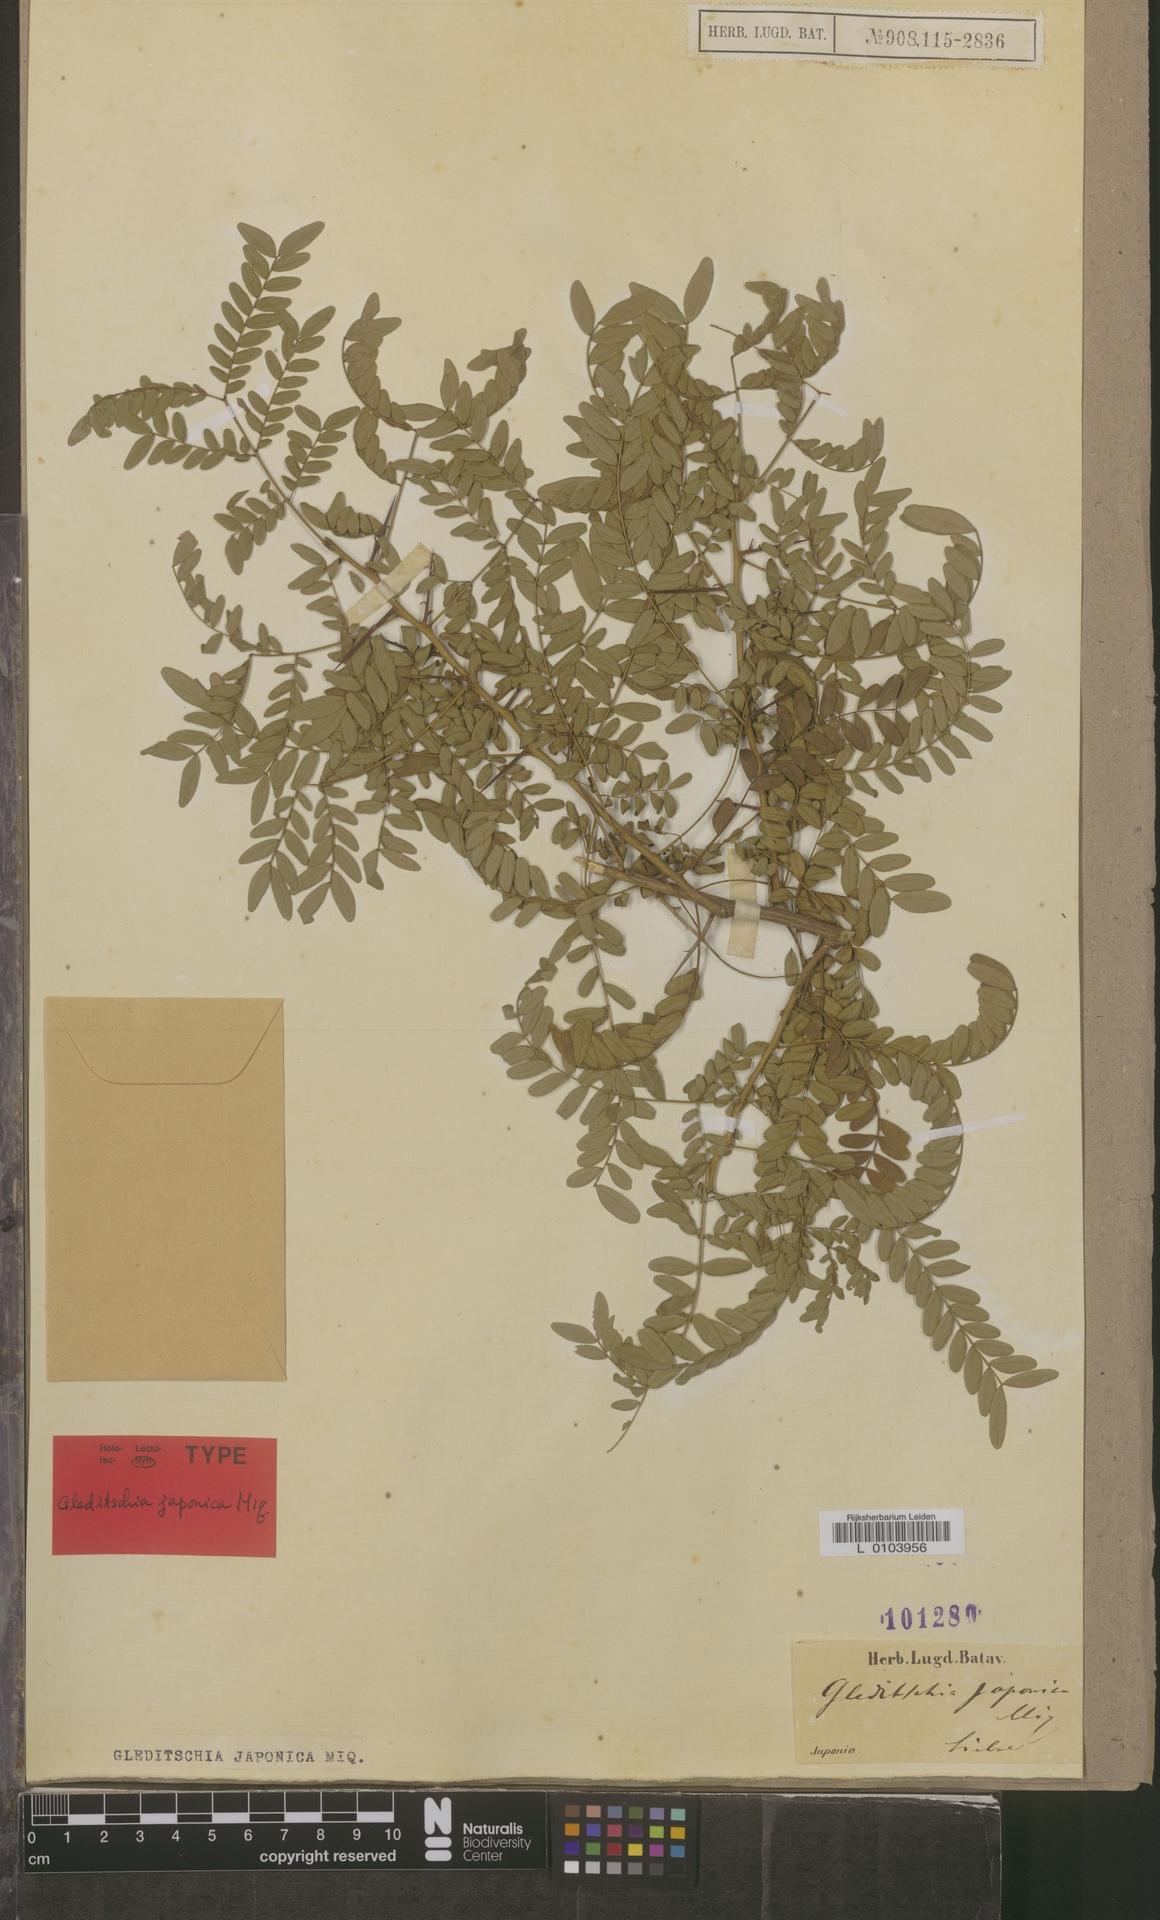 L  0103956   Gleditsia japonica Miq.